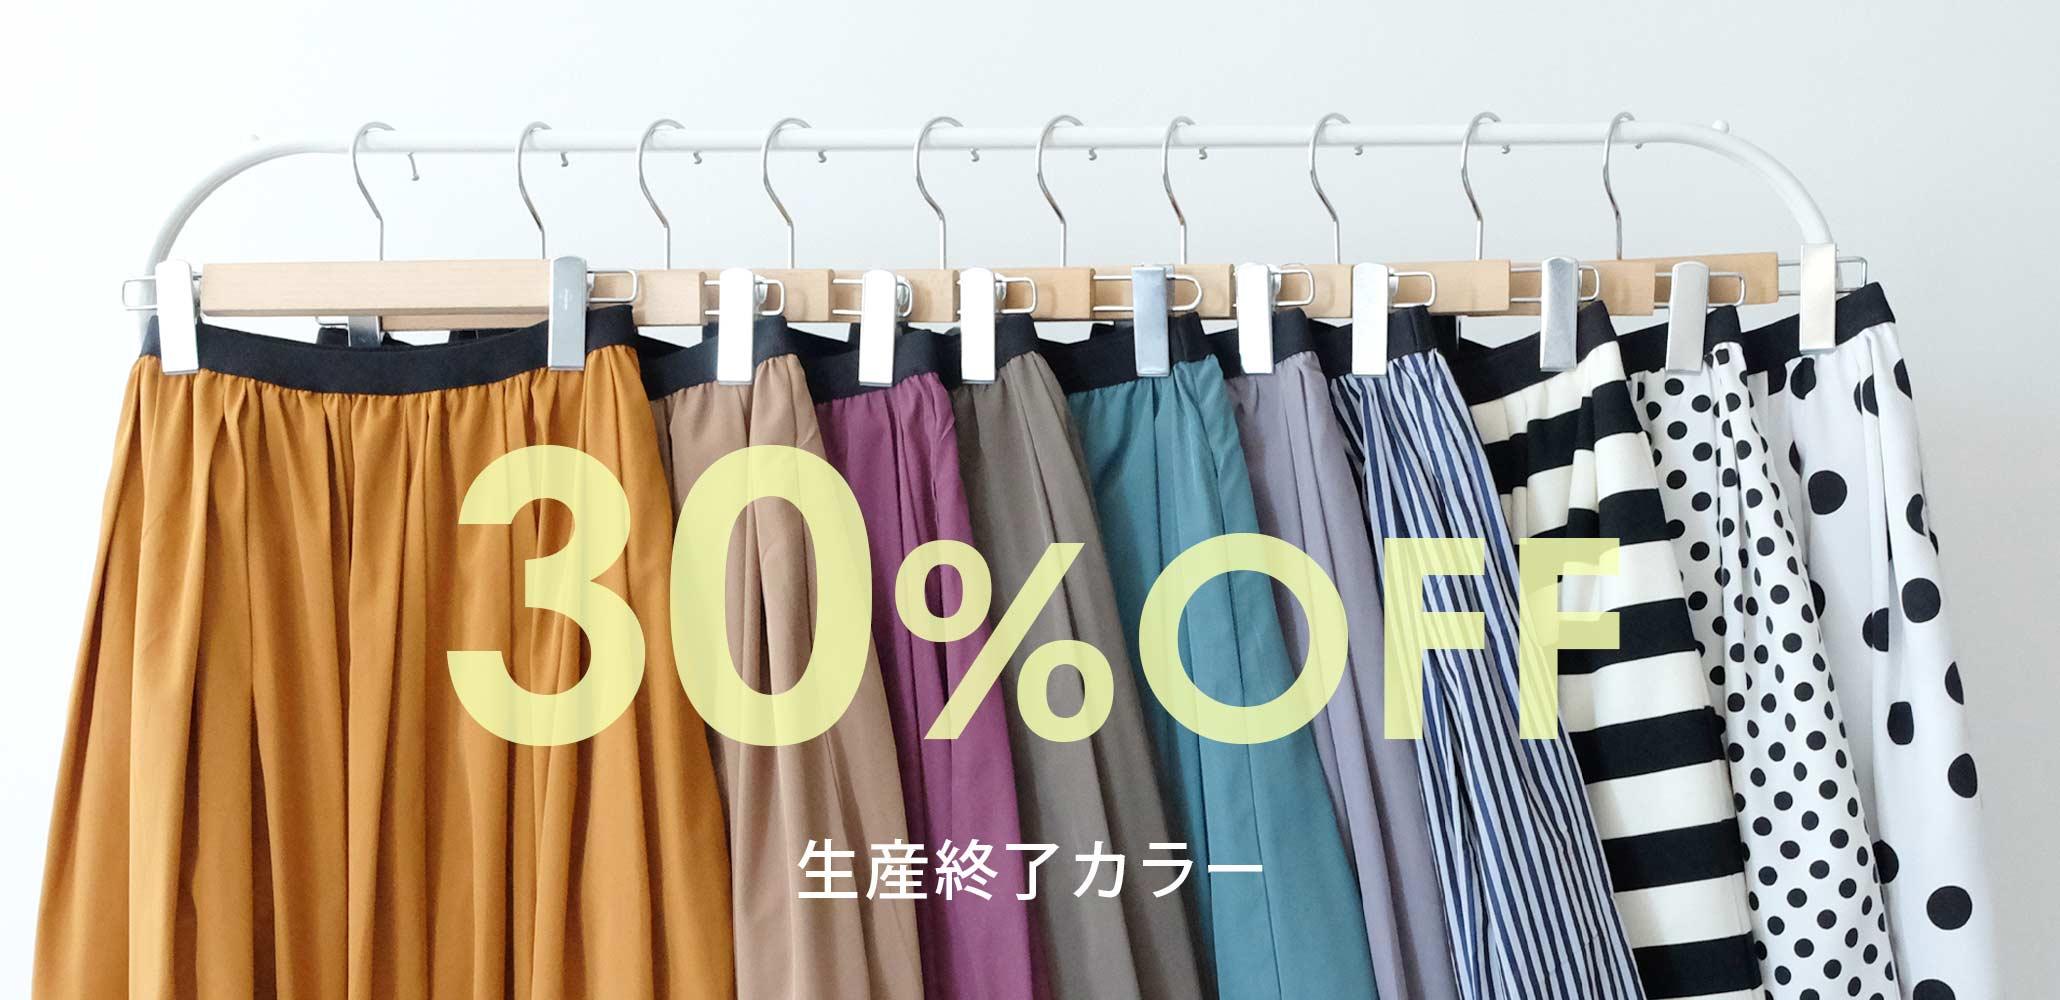 7月21日から神戸・山の手スカートの生産終了カラーが30%OFF!